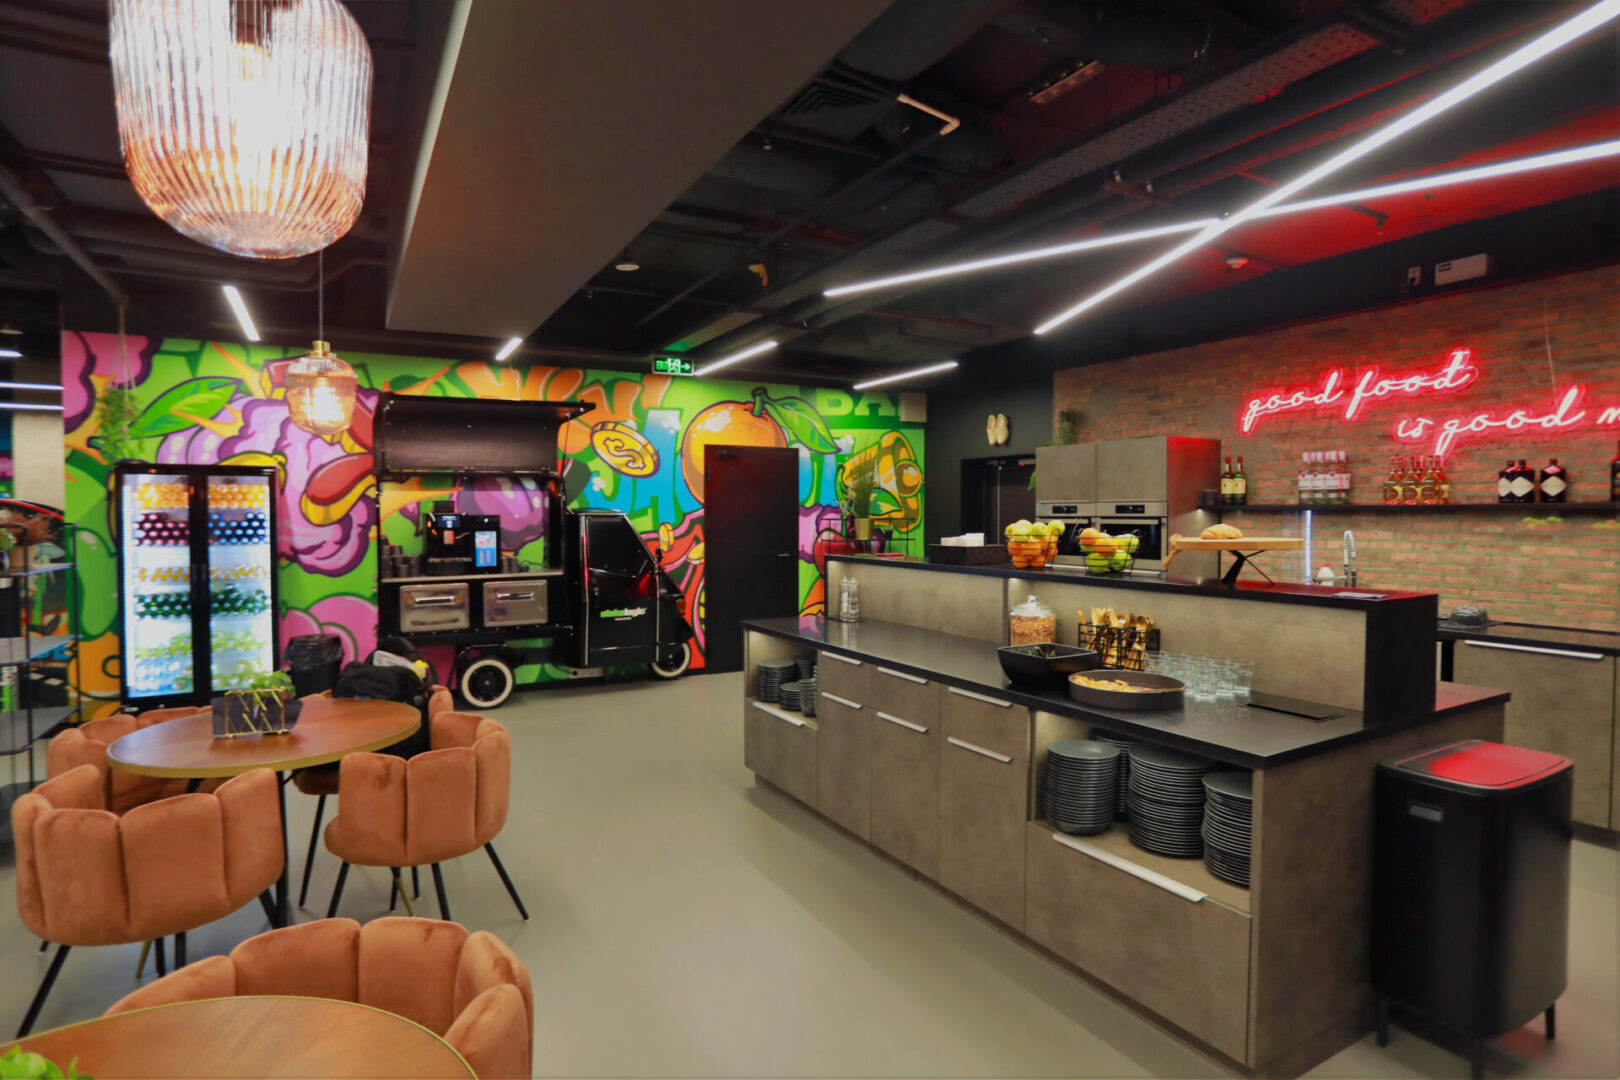 Художественное оформление офиса IT компании (часть 2) UT-ART STUDIO бар